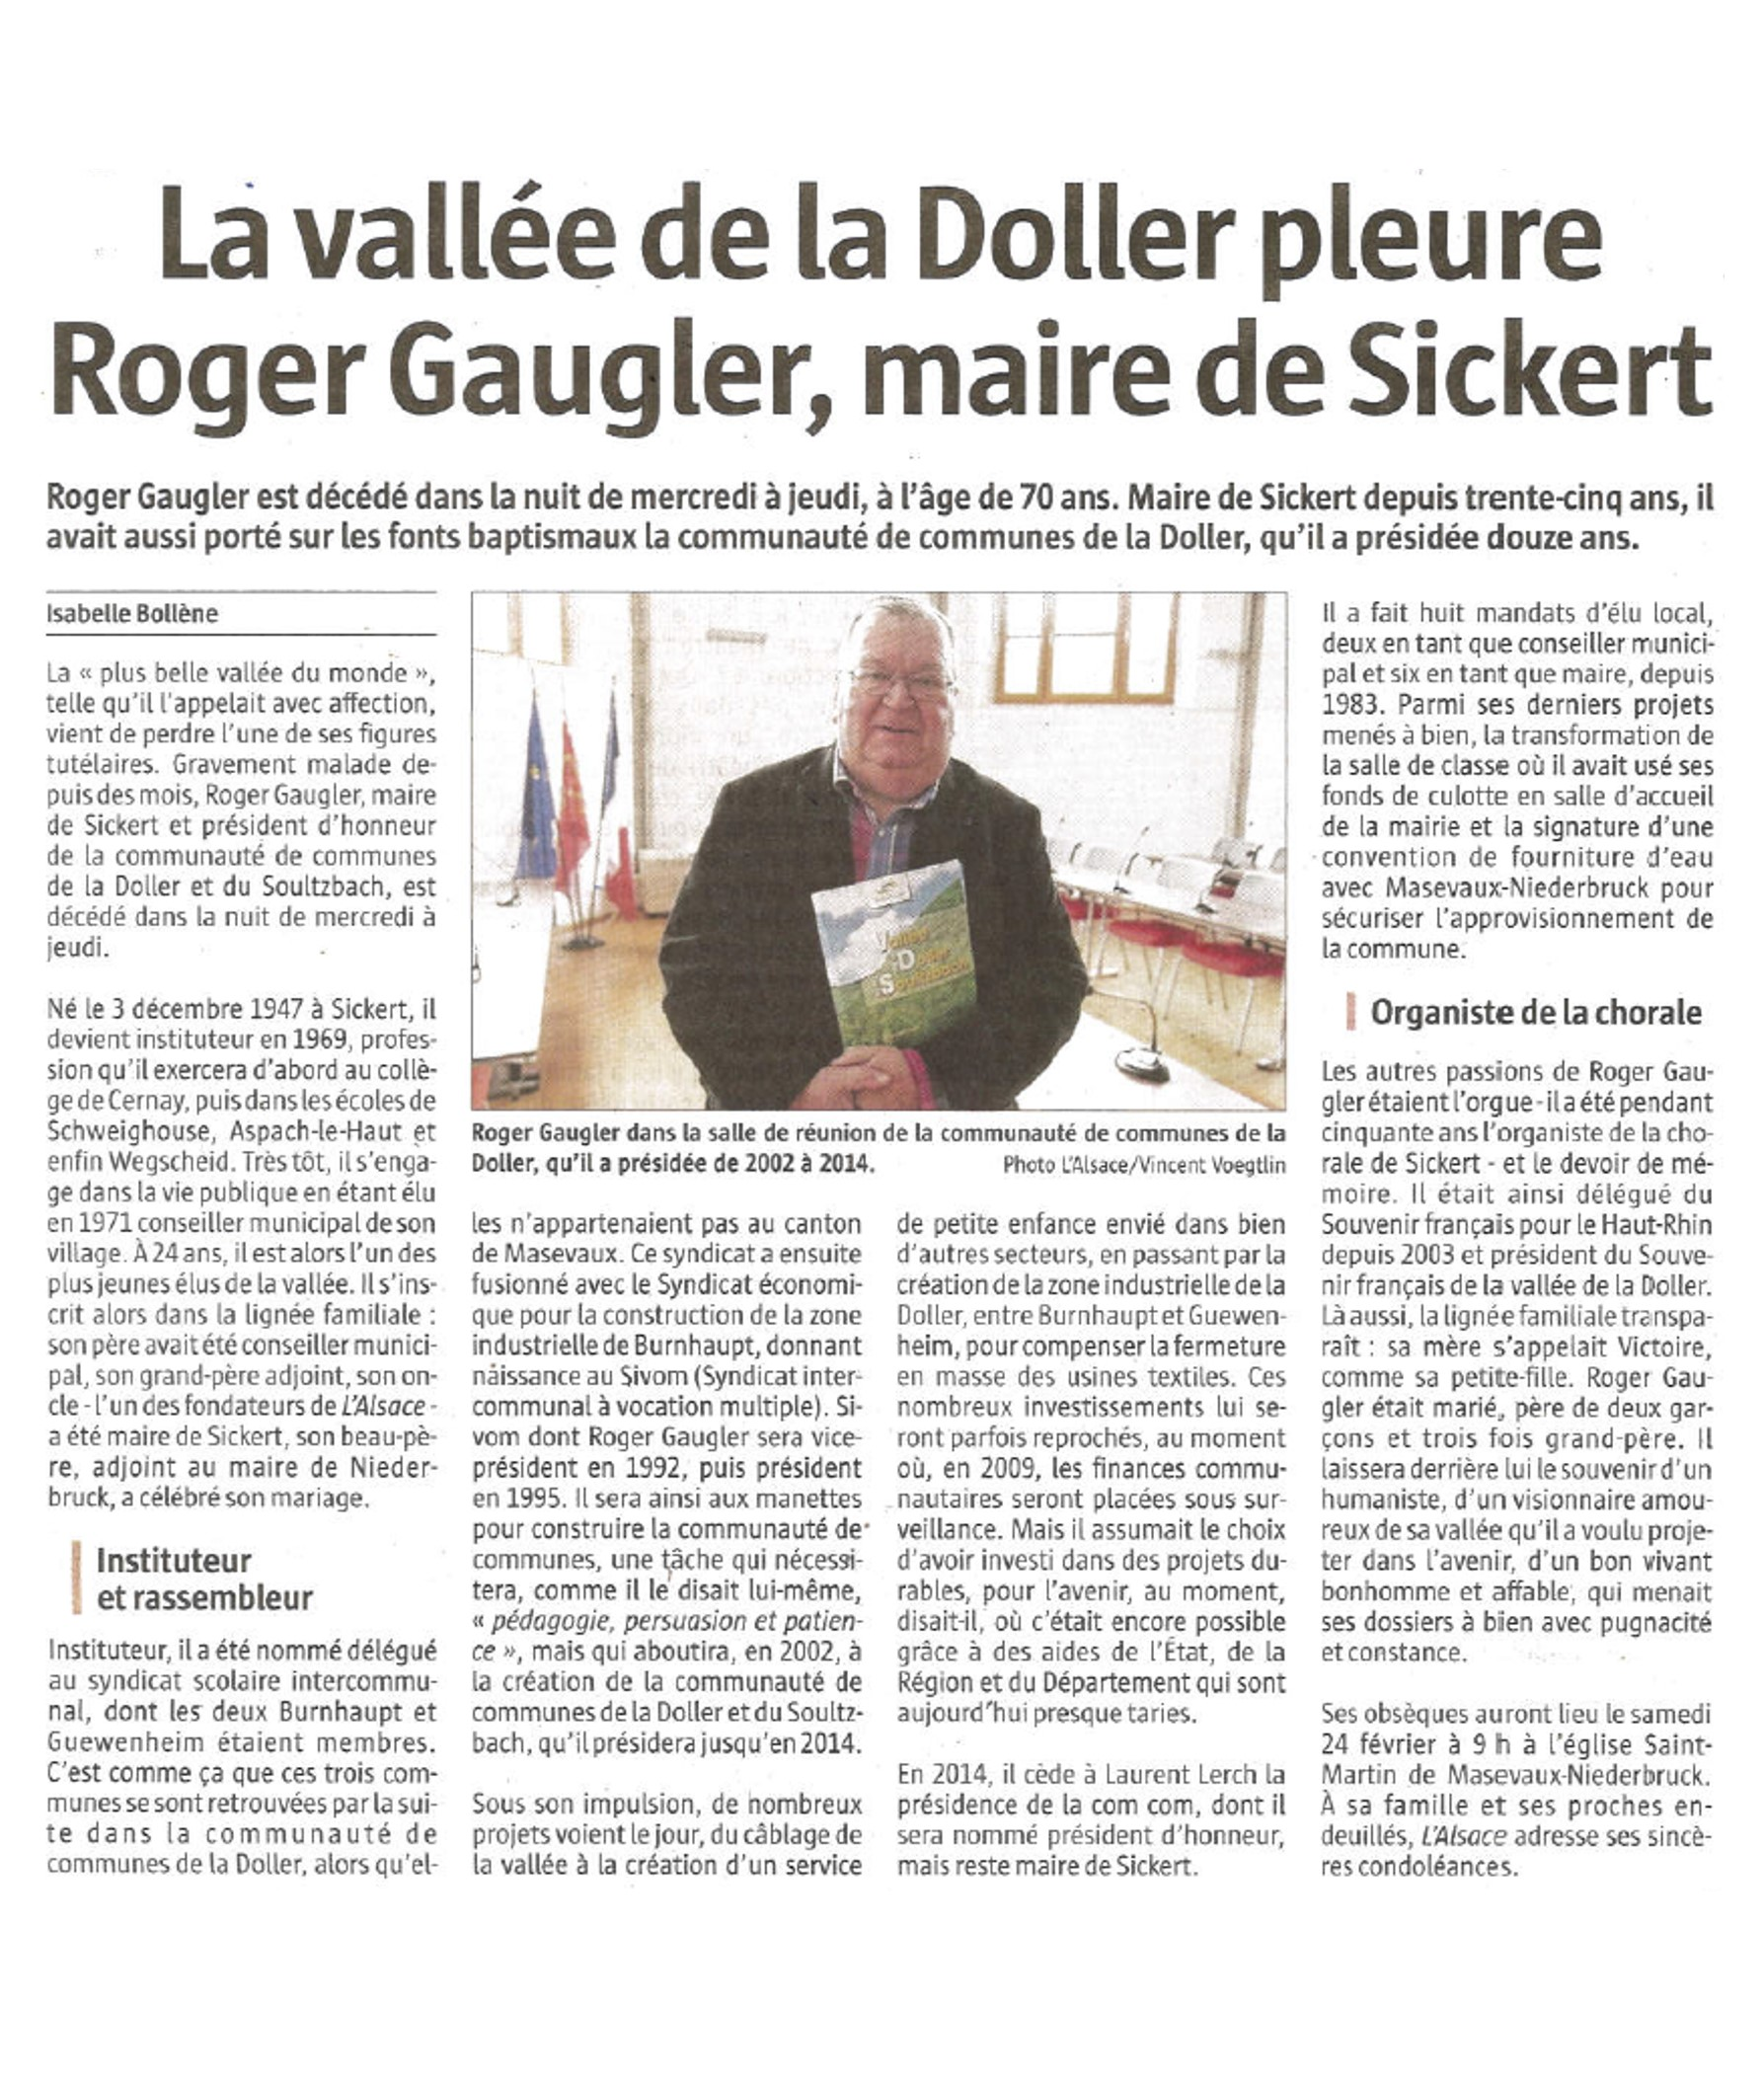 La vallée de la Doller pleure Roger Gaugler, maire de Sickert - L'Alsace (23-02-2018)